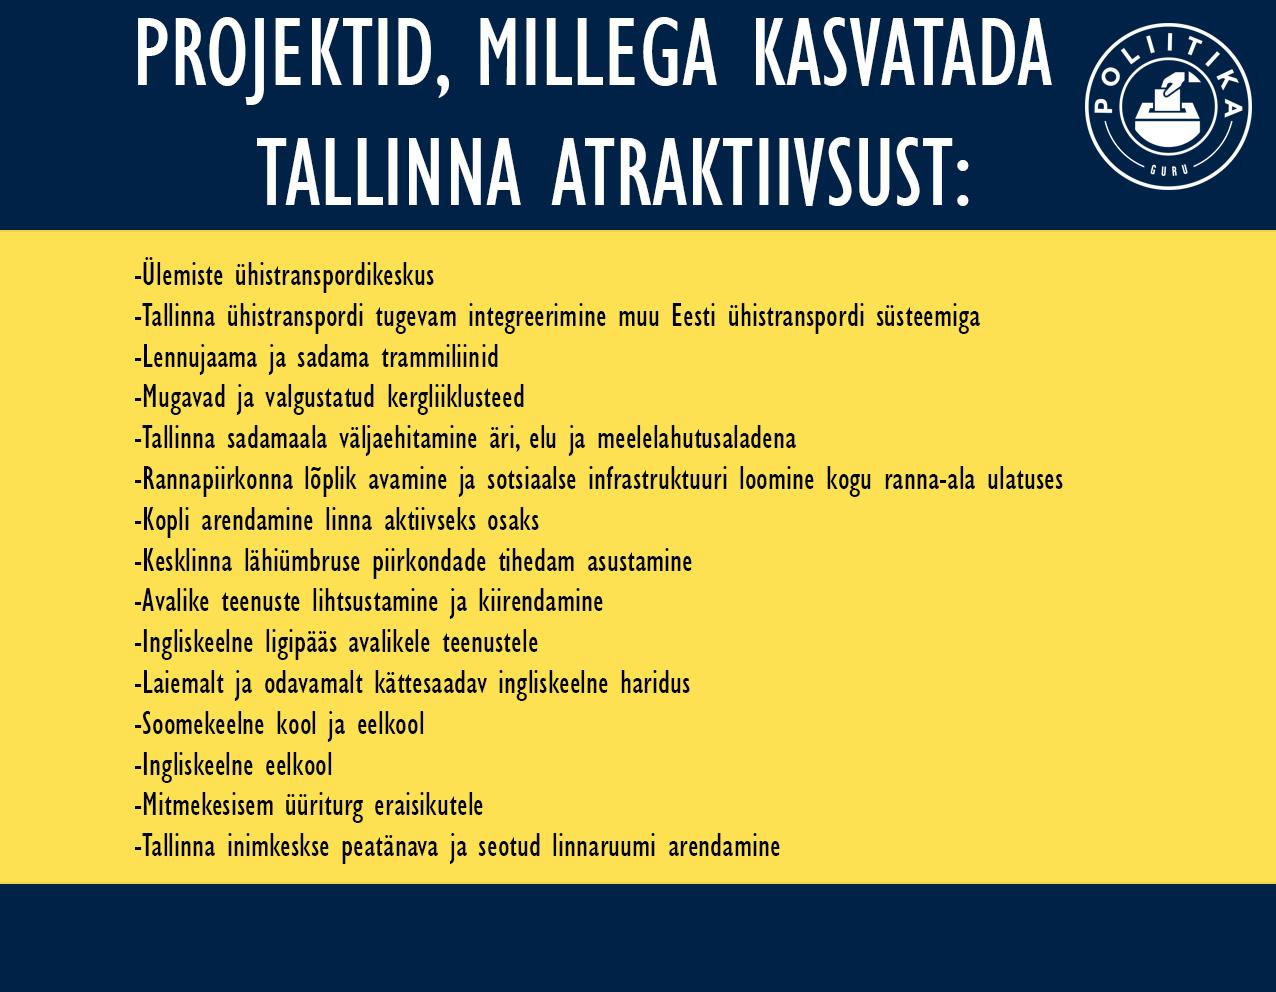 Mida Tallinn saaks atraktiivsuse nimel teha